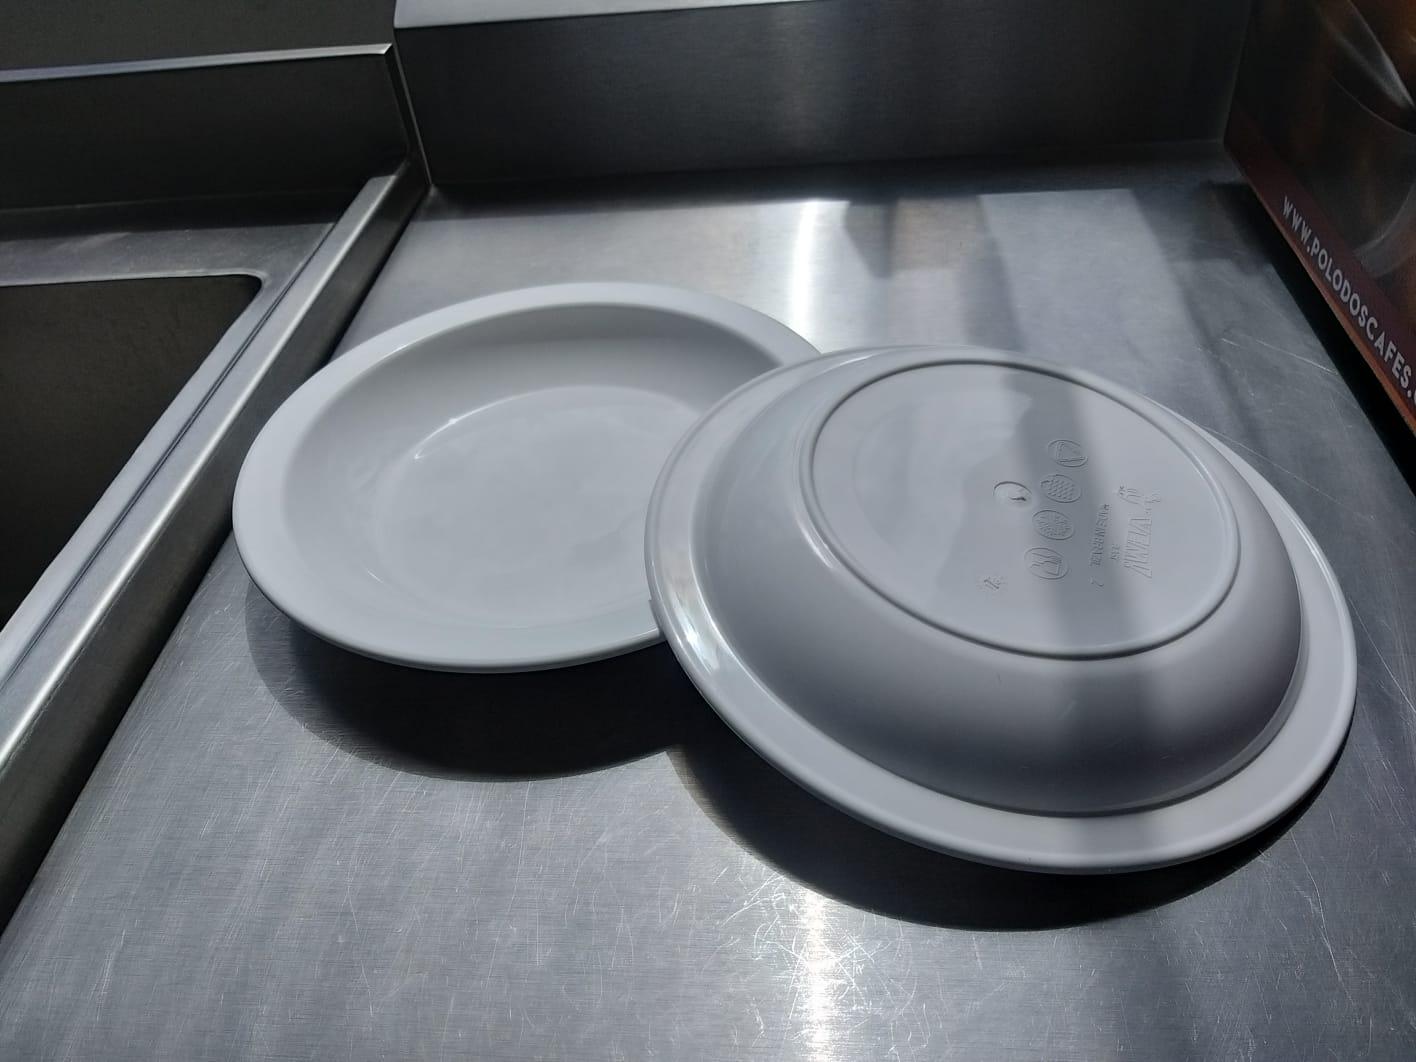 Prato Elegance Fundo Redondo 22cm Branco Ciaxa com 24 Unidades - Vem plast